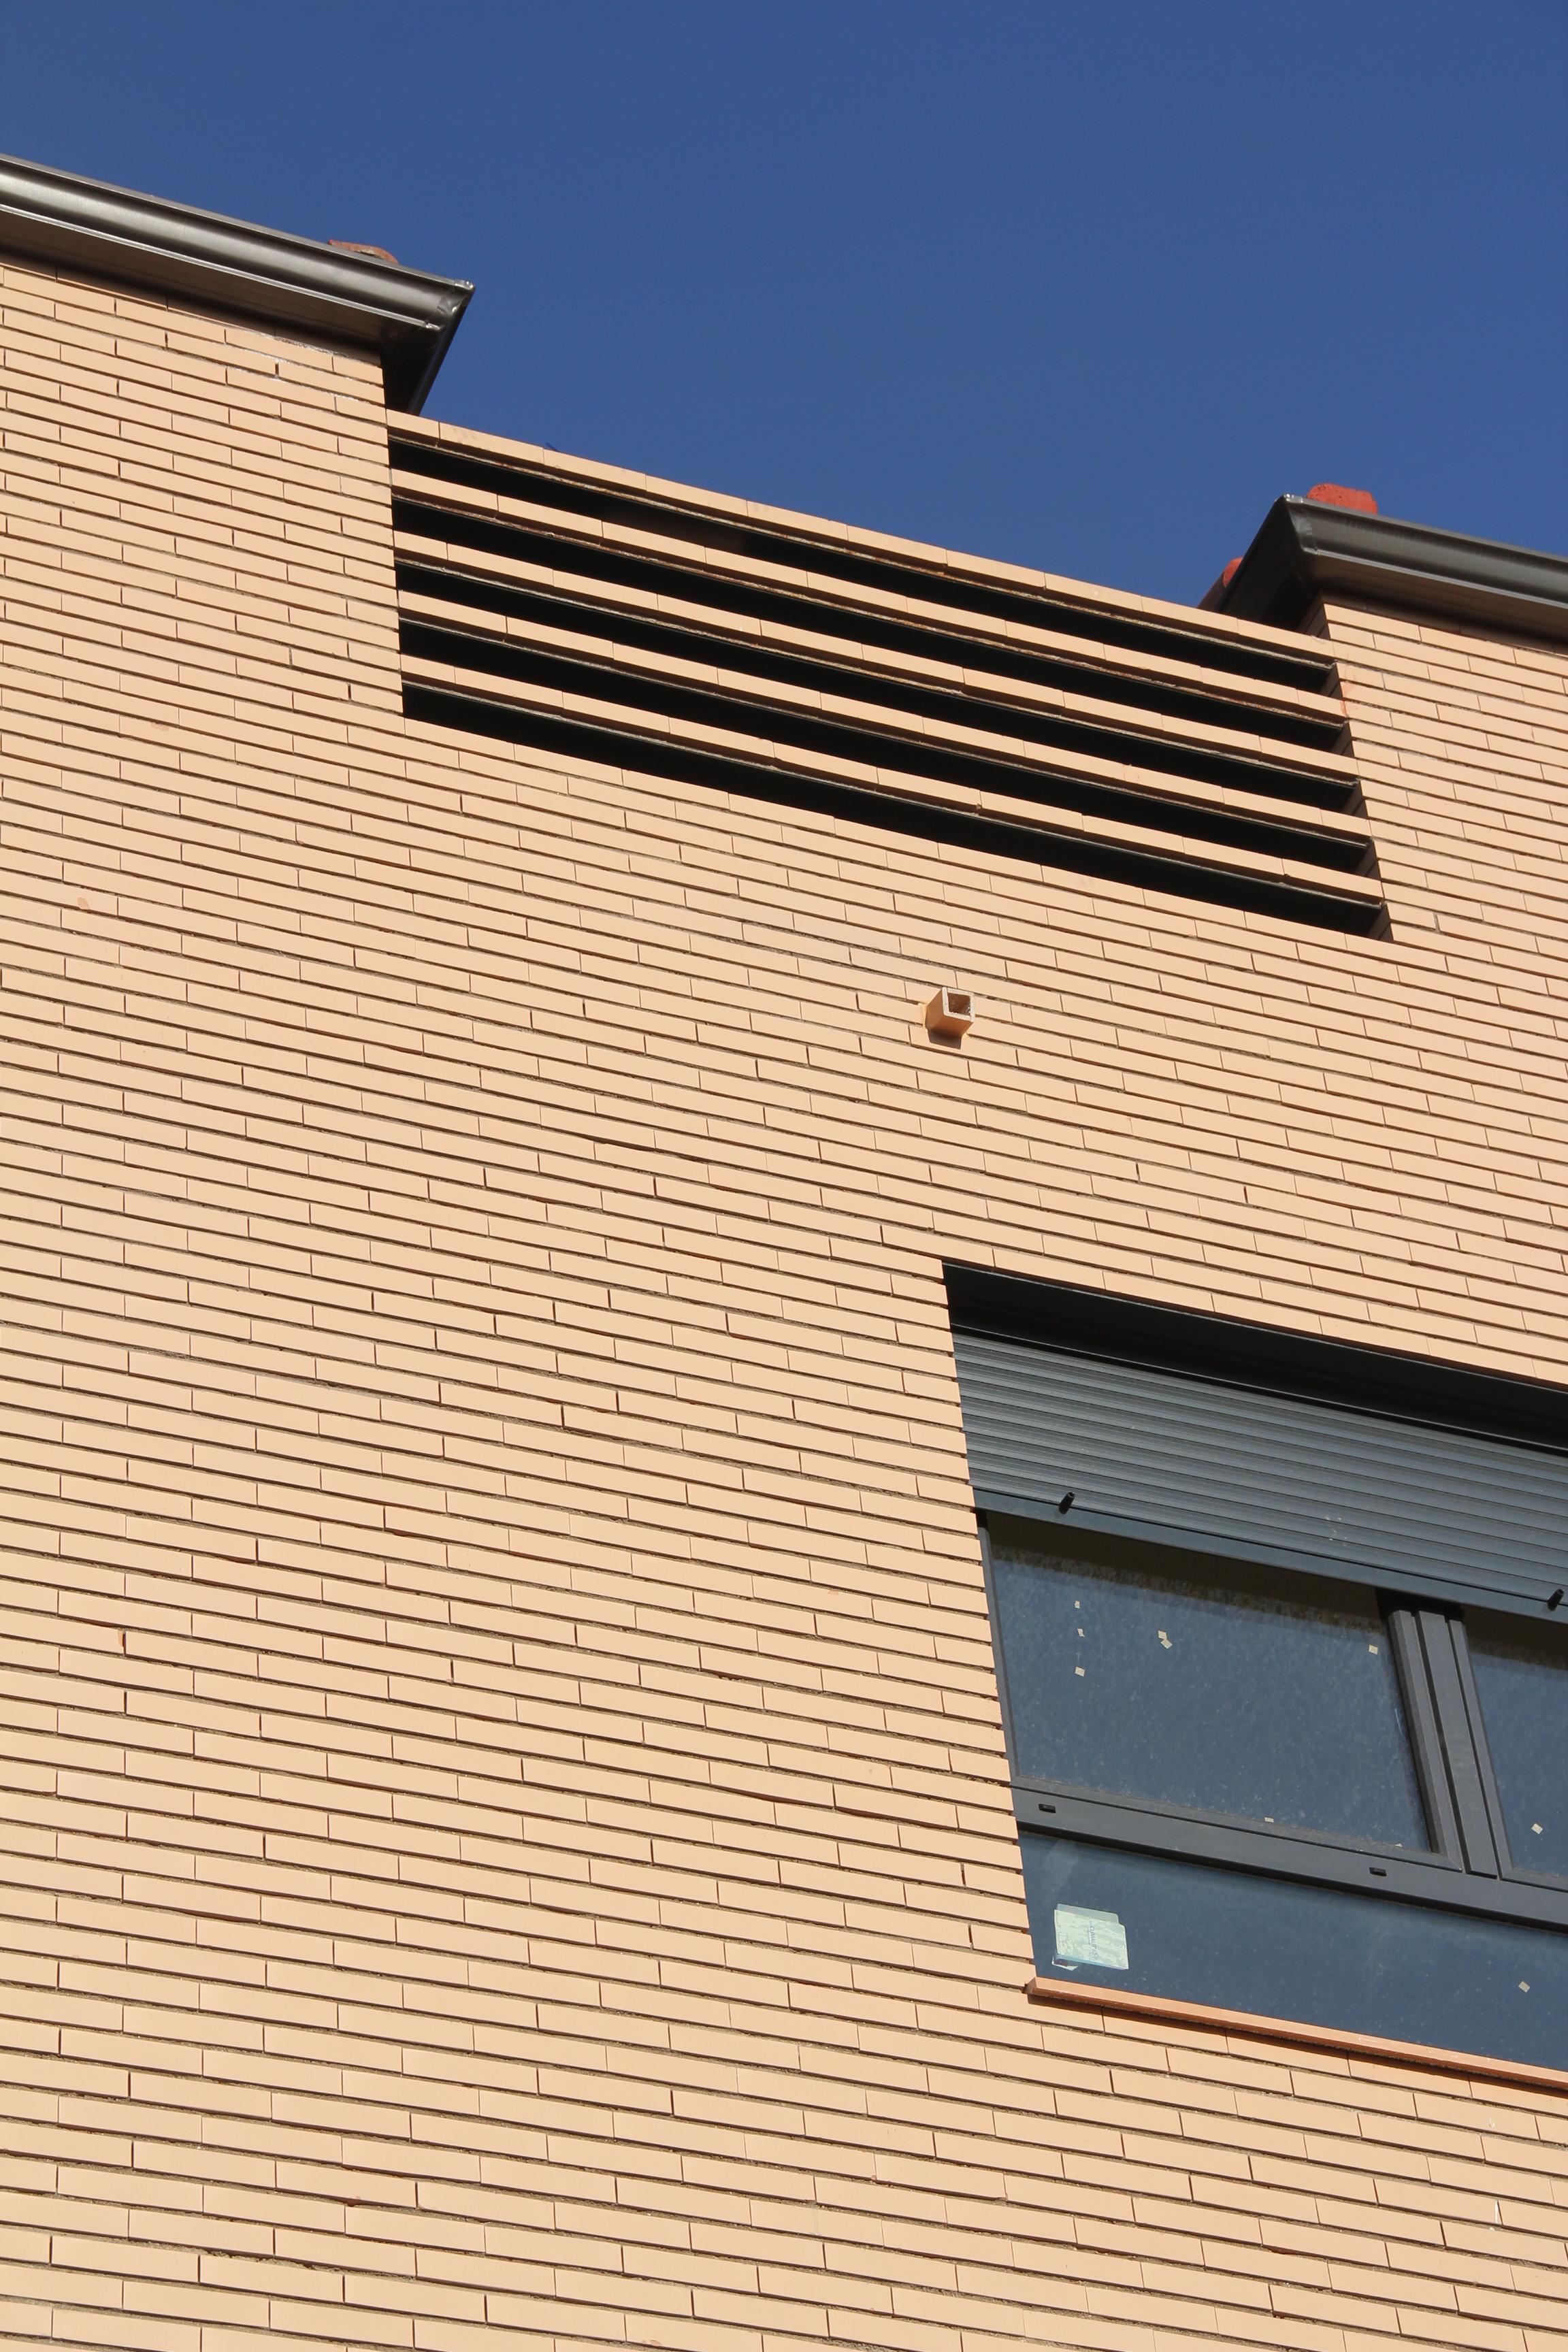 ALZADO A PLAZA. Edificio de 4 viviendas y 4 trasteros. Superficie: 395.38 m2. Pza. Ramón y Cajal, 11. Azuqueca de Henares. Guadalajara. 2010